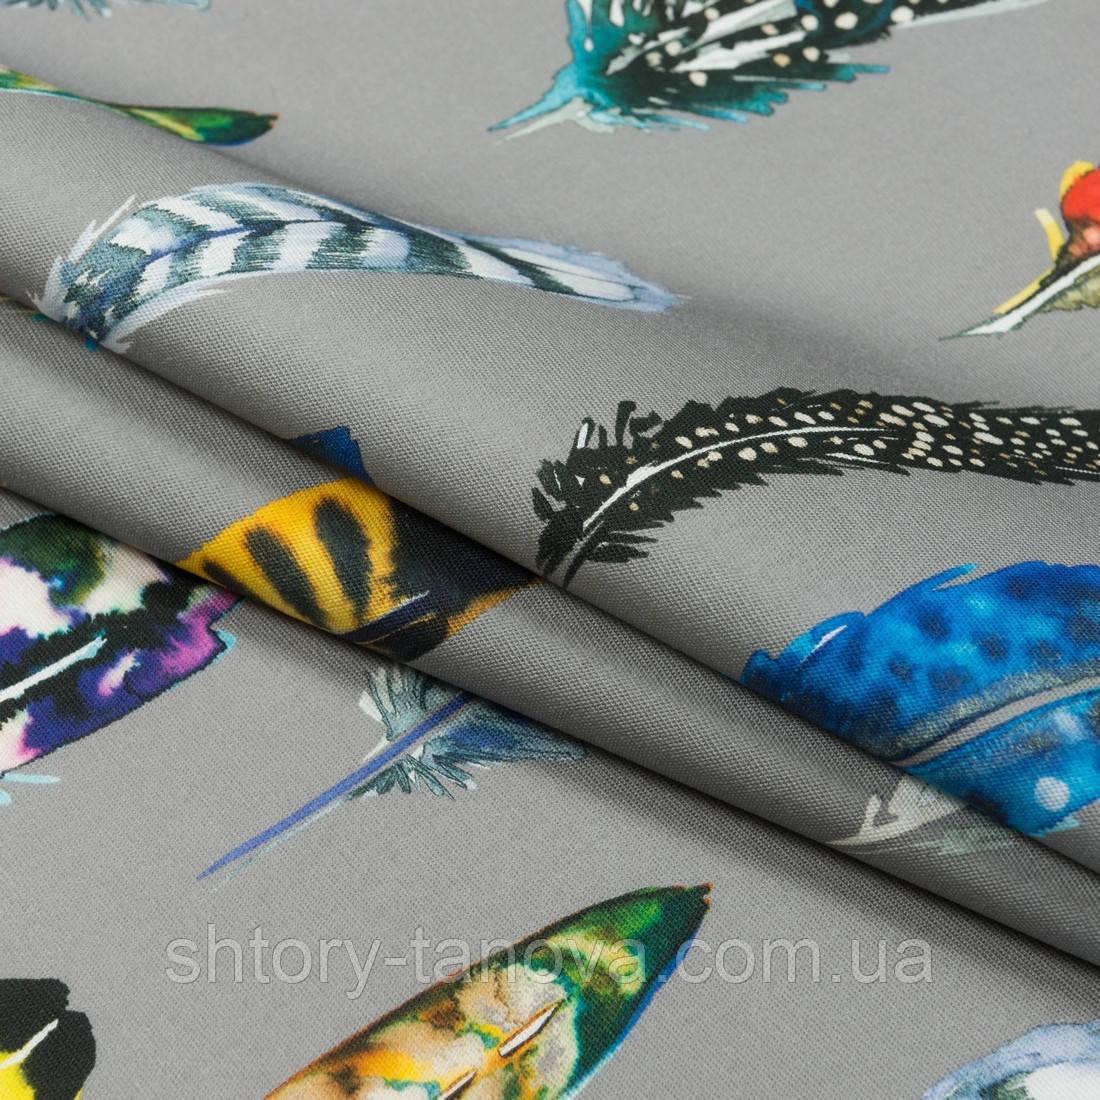 Дралон принт сінд/sund фон т. беж,кольорові пір'я